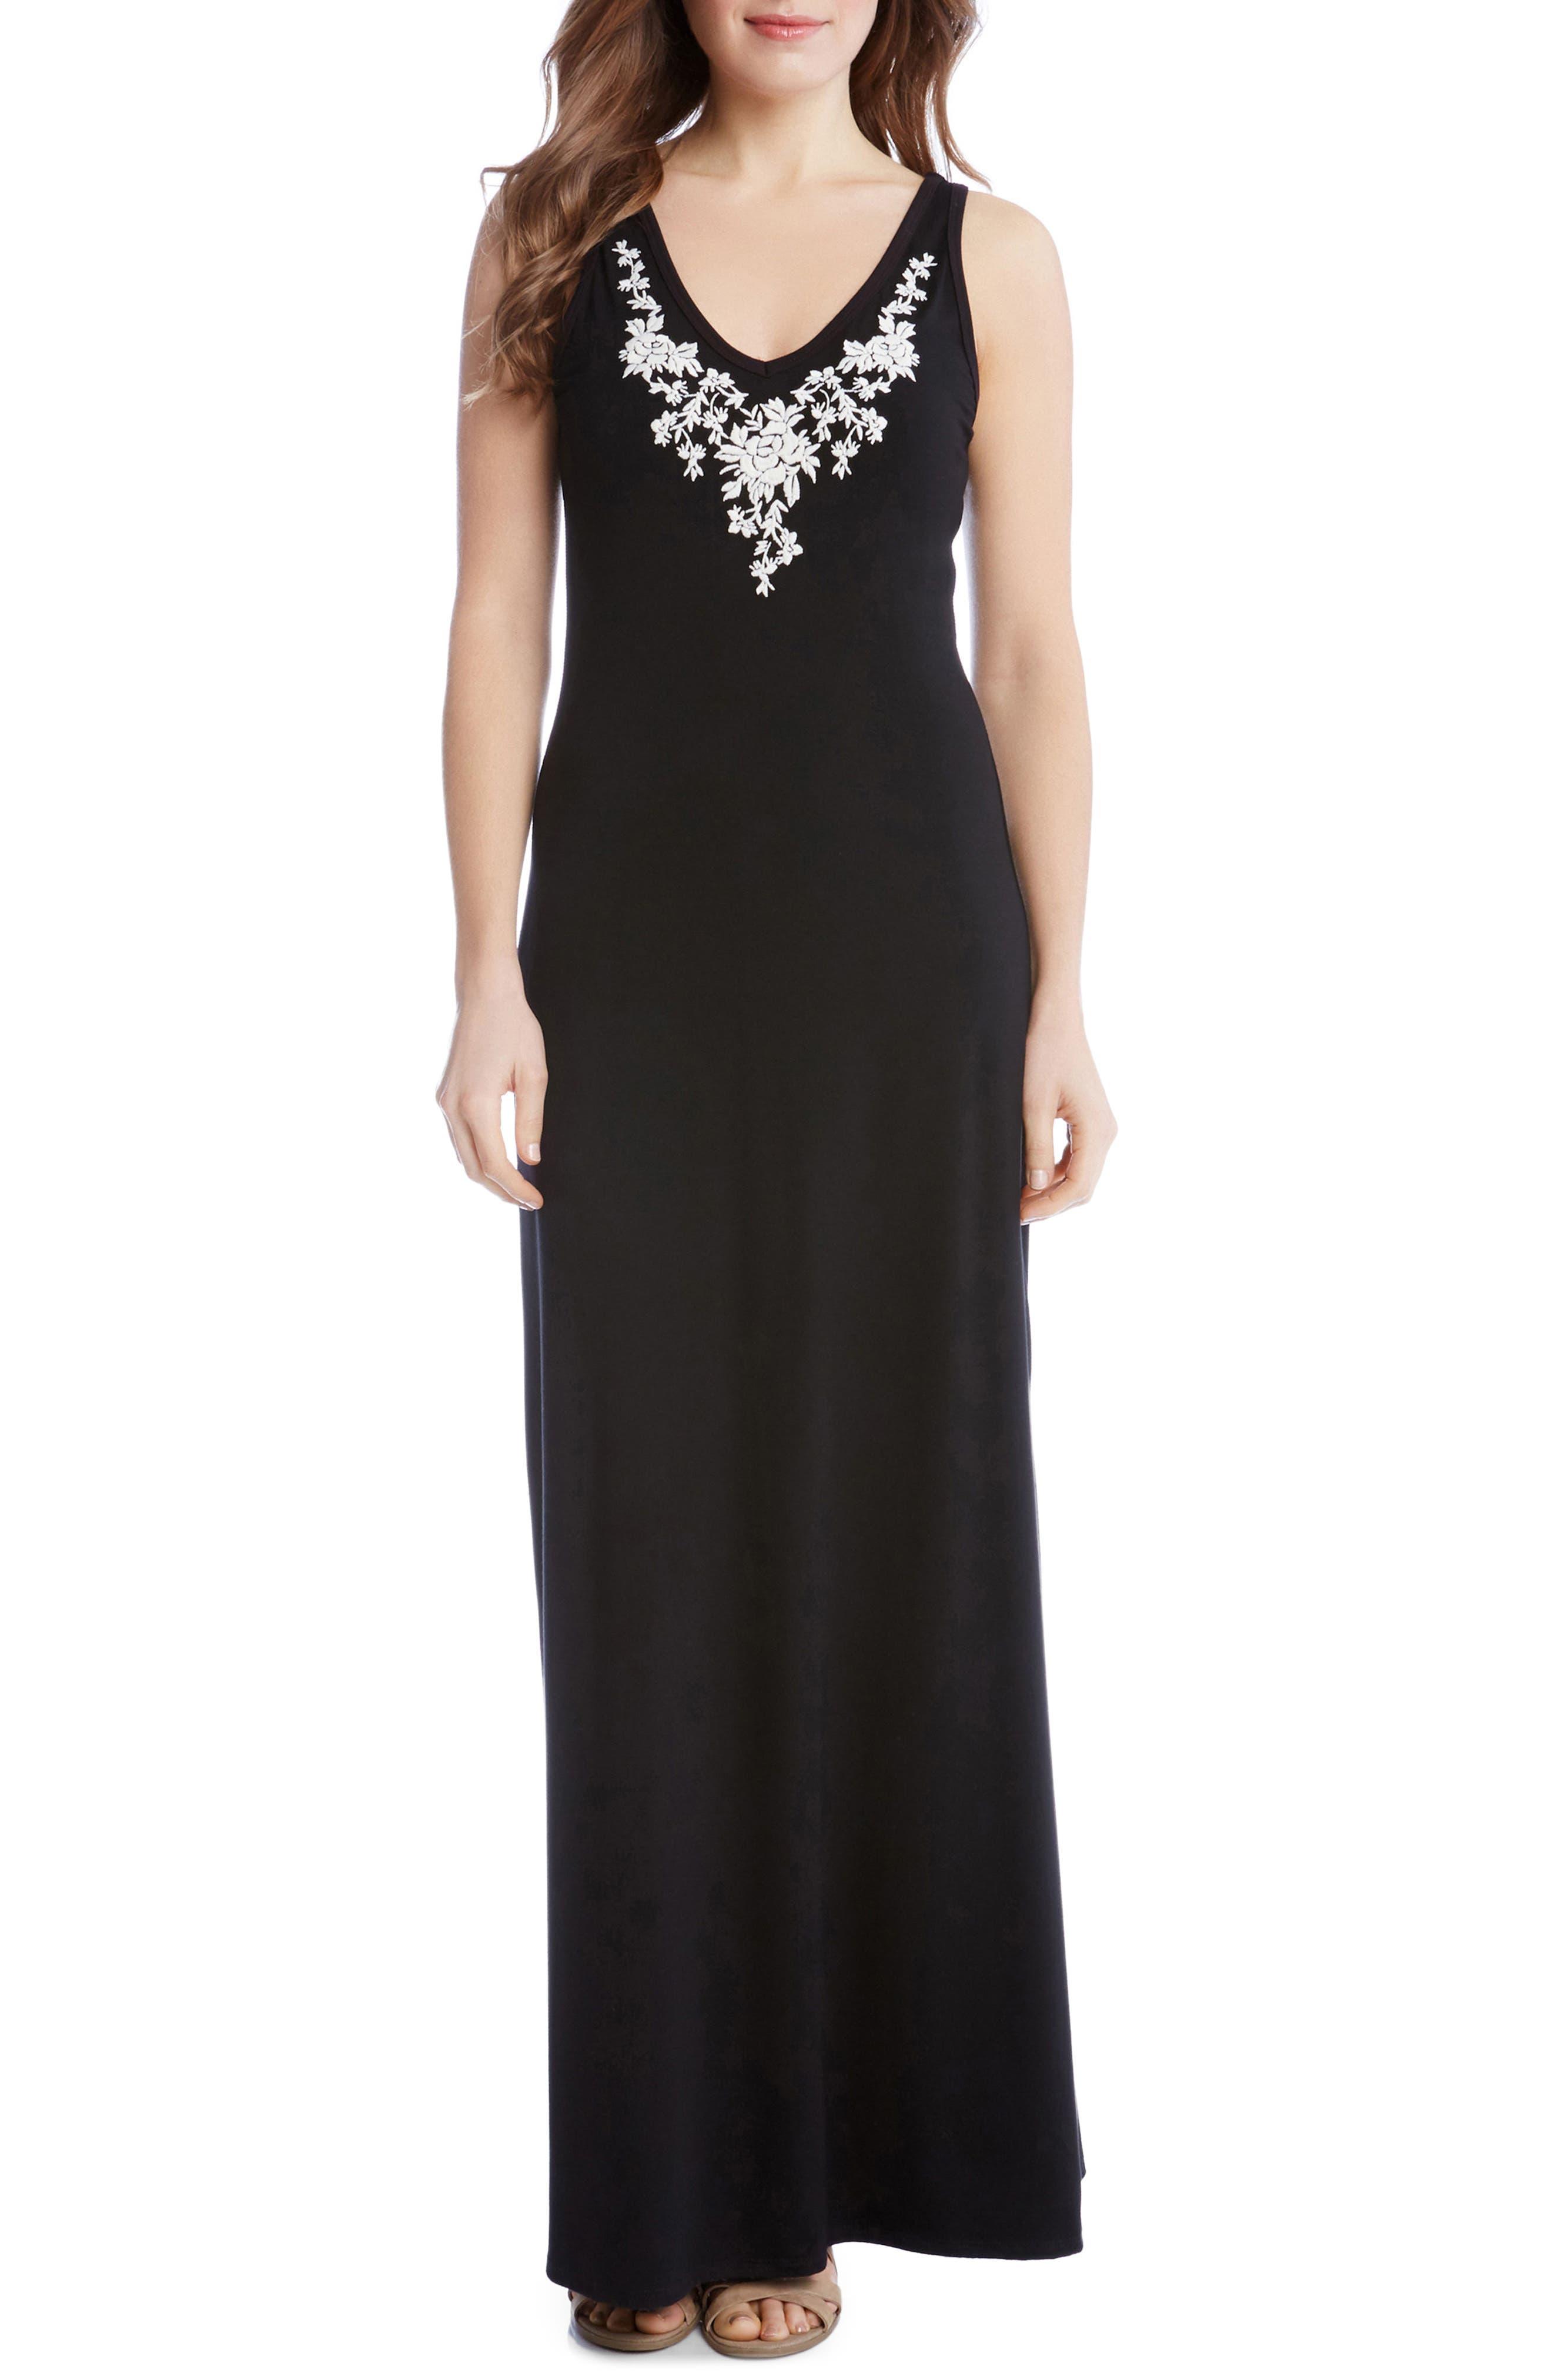 Alternate Image 1 Selected - Karen Kane Alana Embroidered Maxi Dress (Regular & Petite)